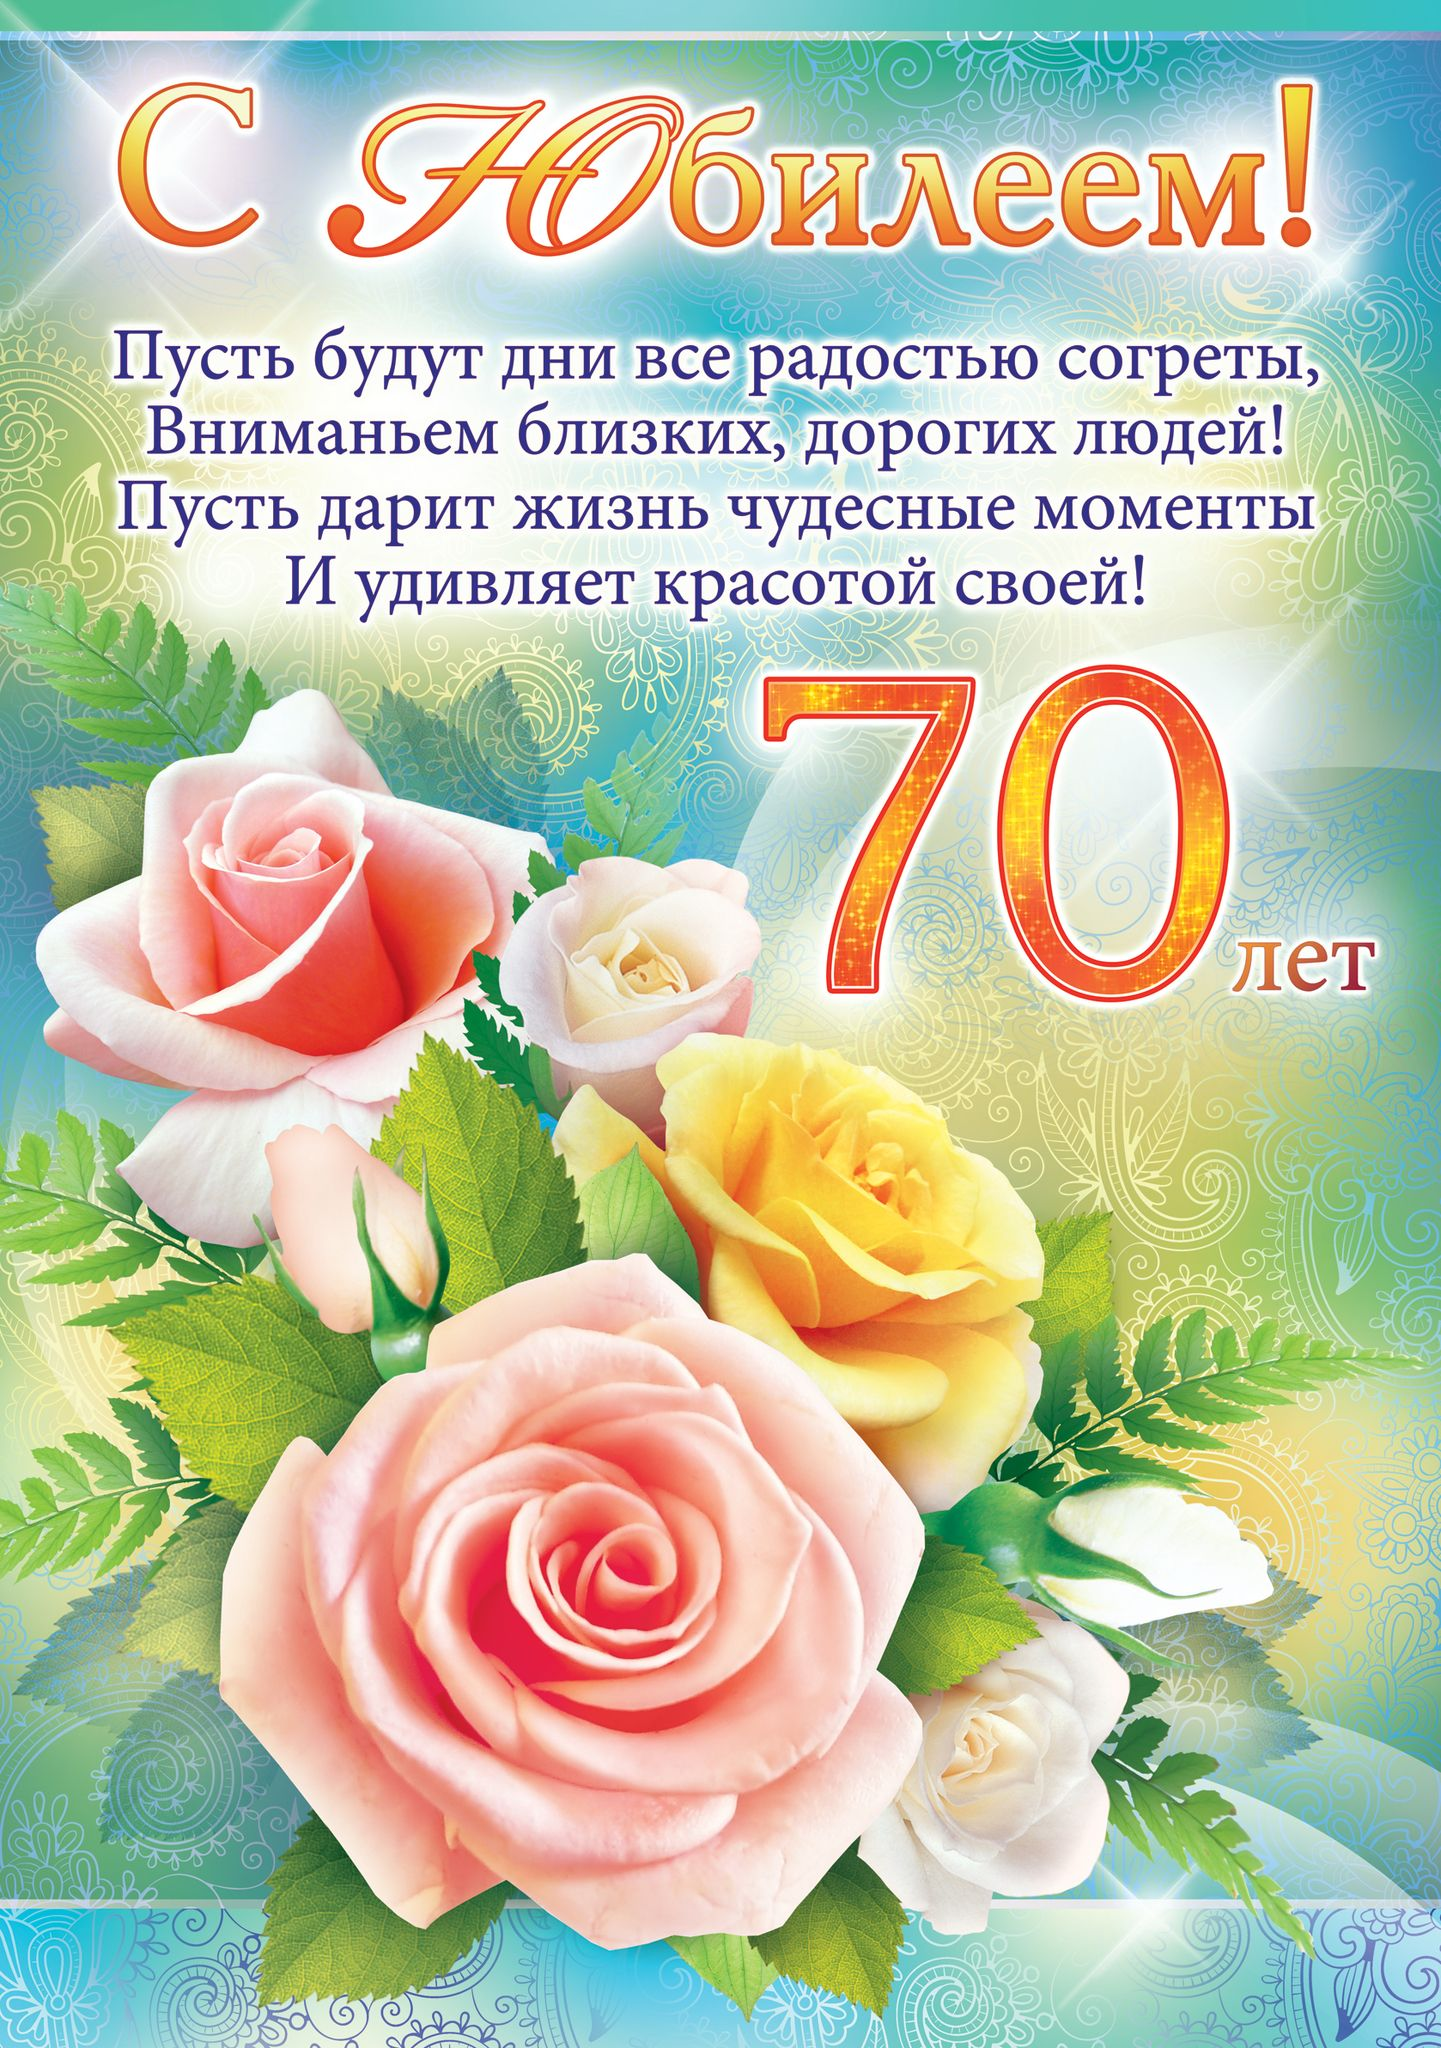 Поздравления с днем рождения 70 лет